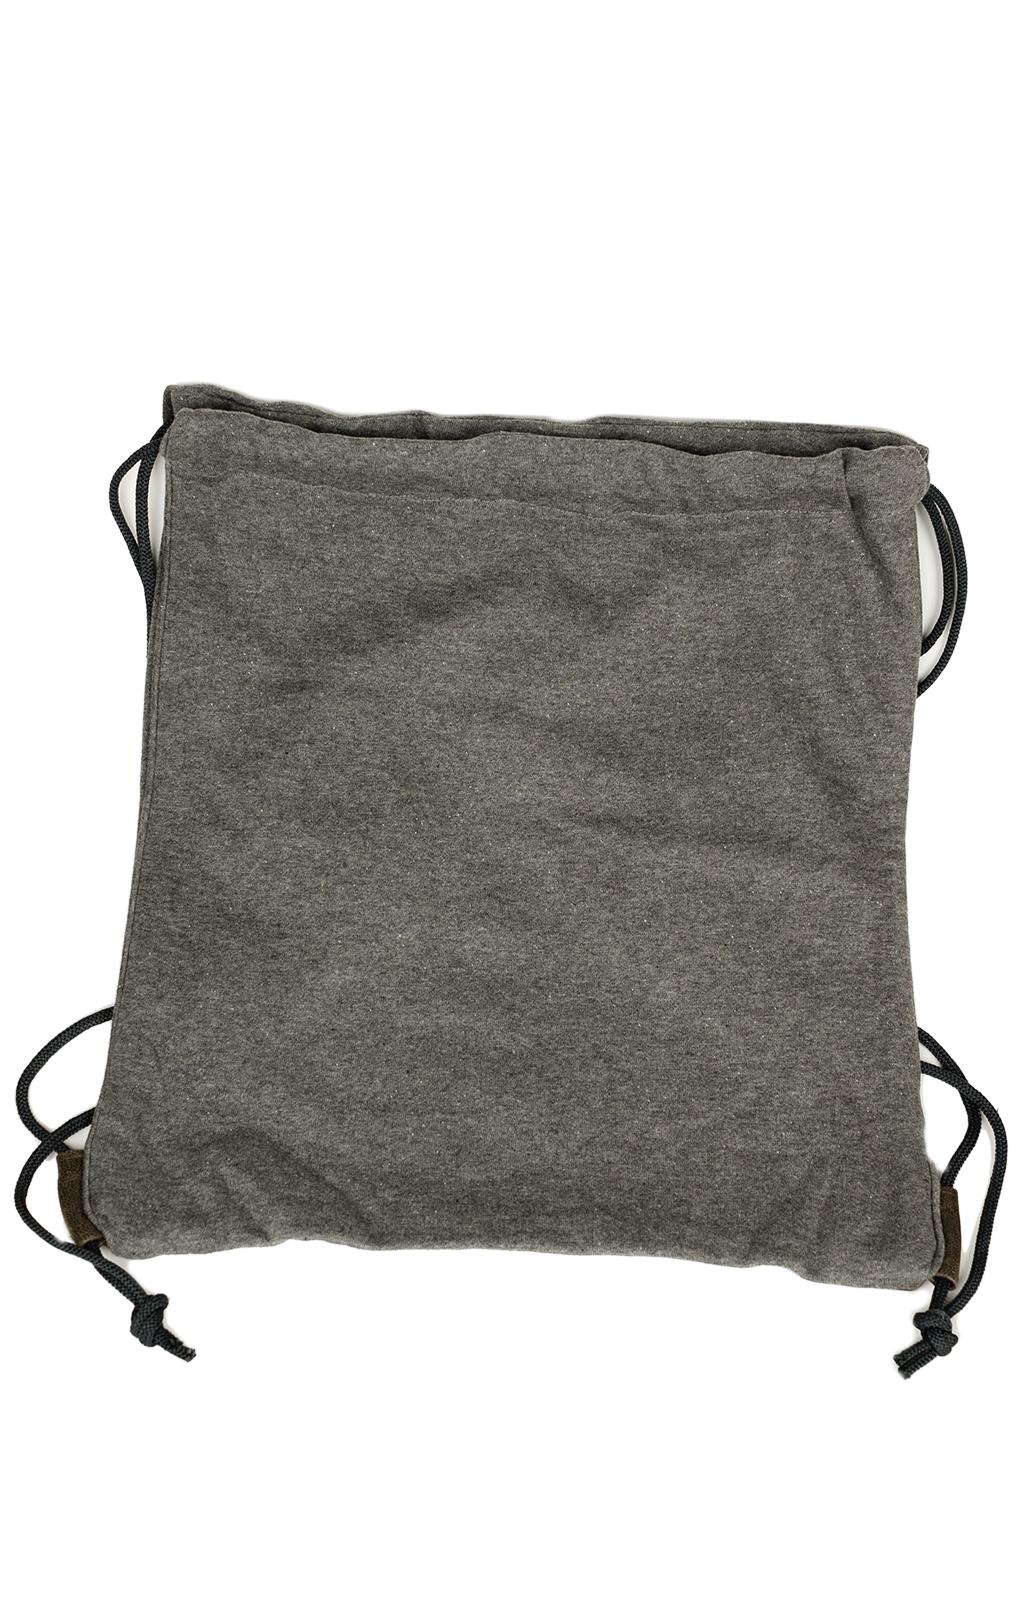 weitere Bilder von Gmy Bag gray